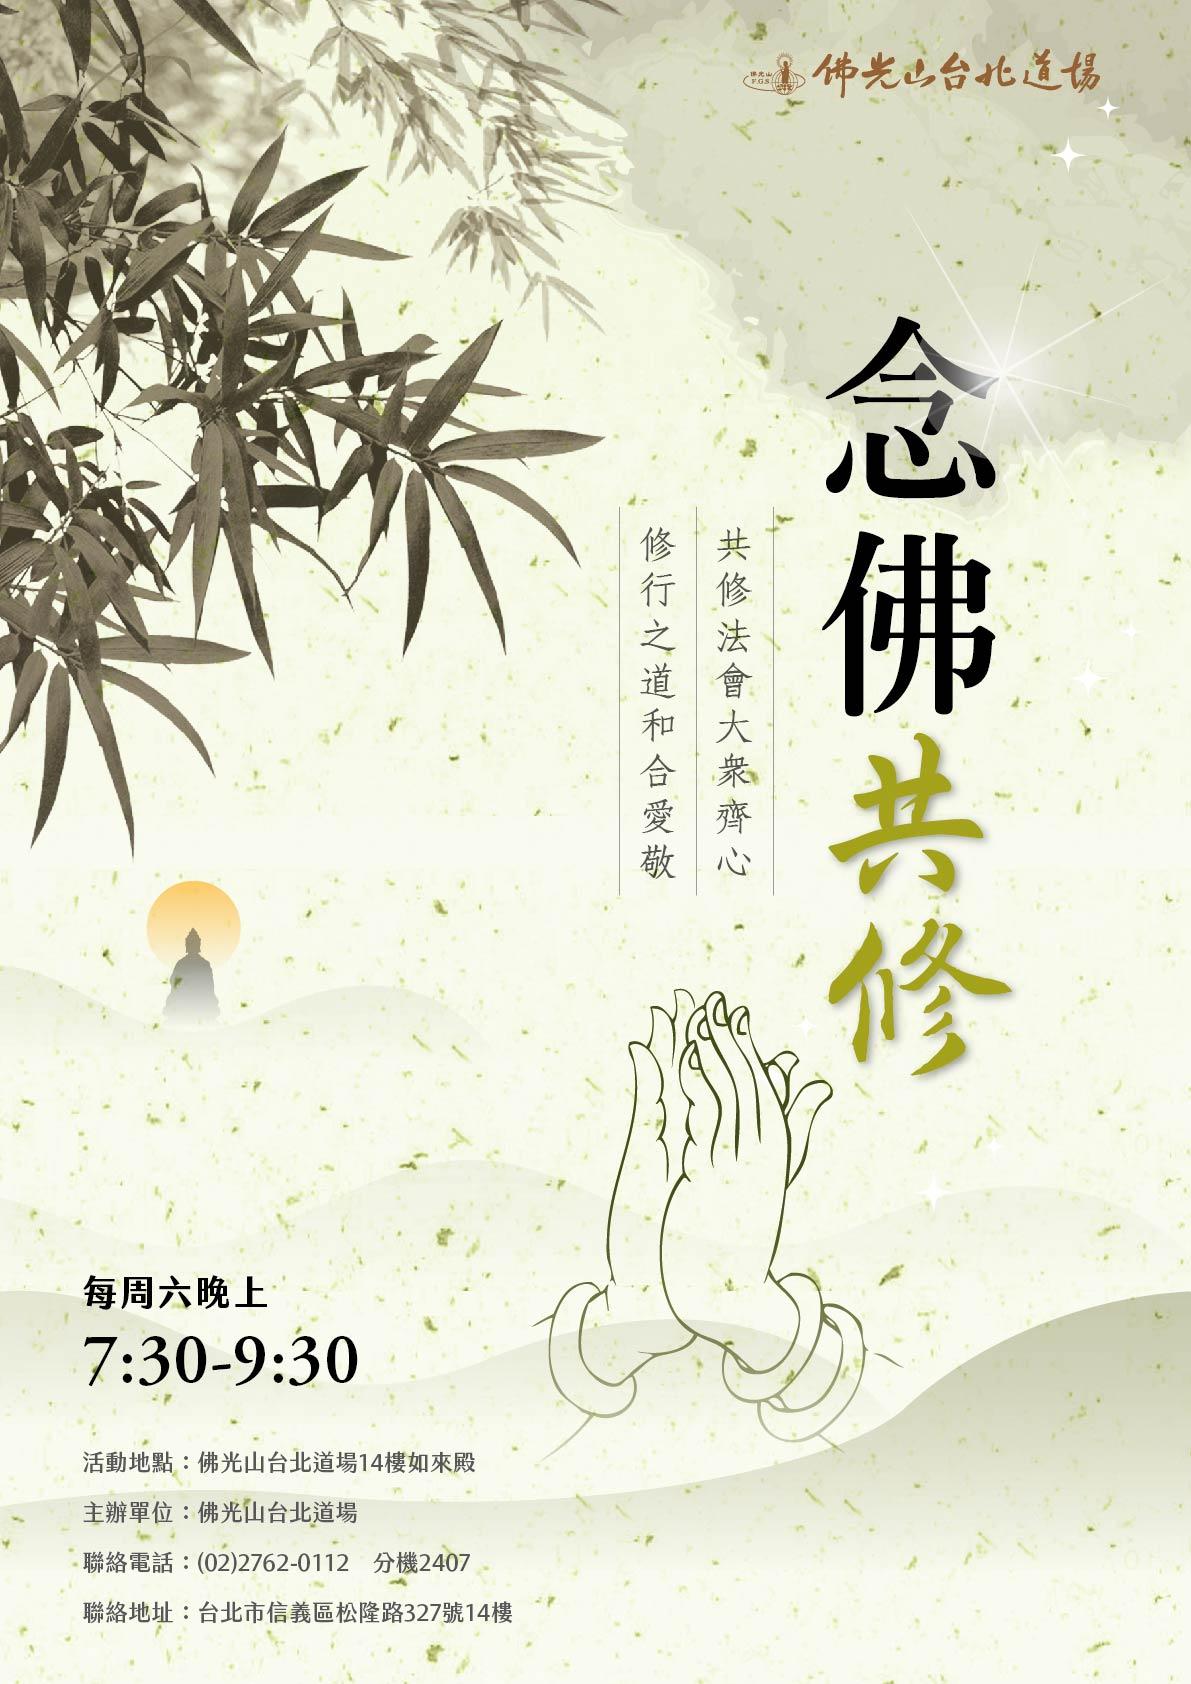 2_念佛共修-01.jpg